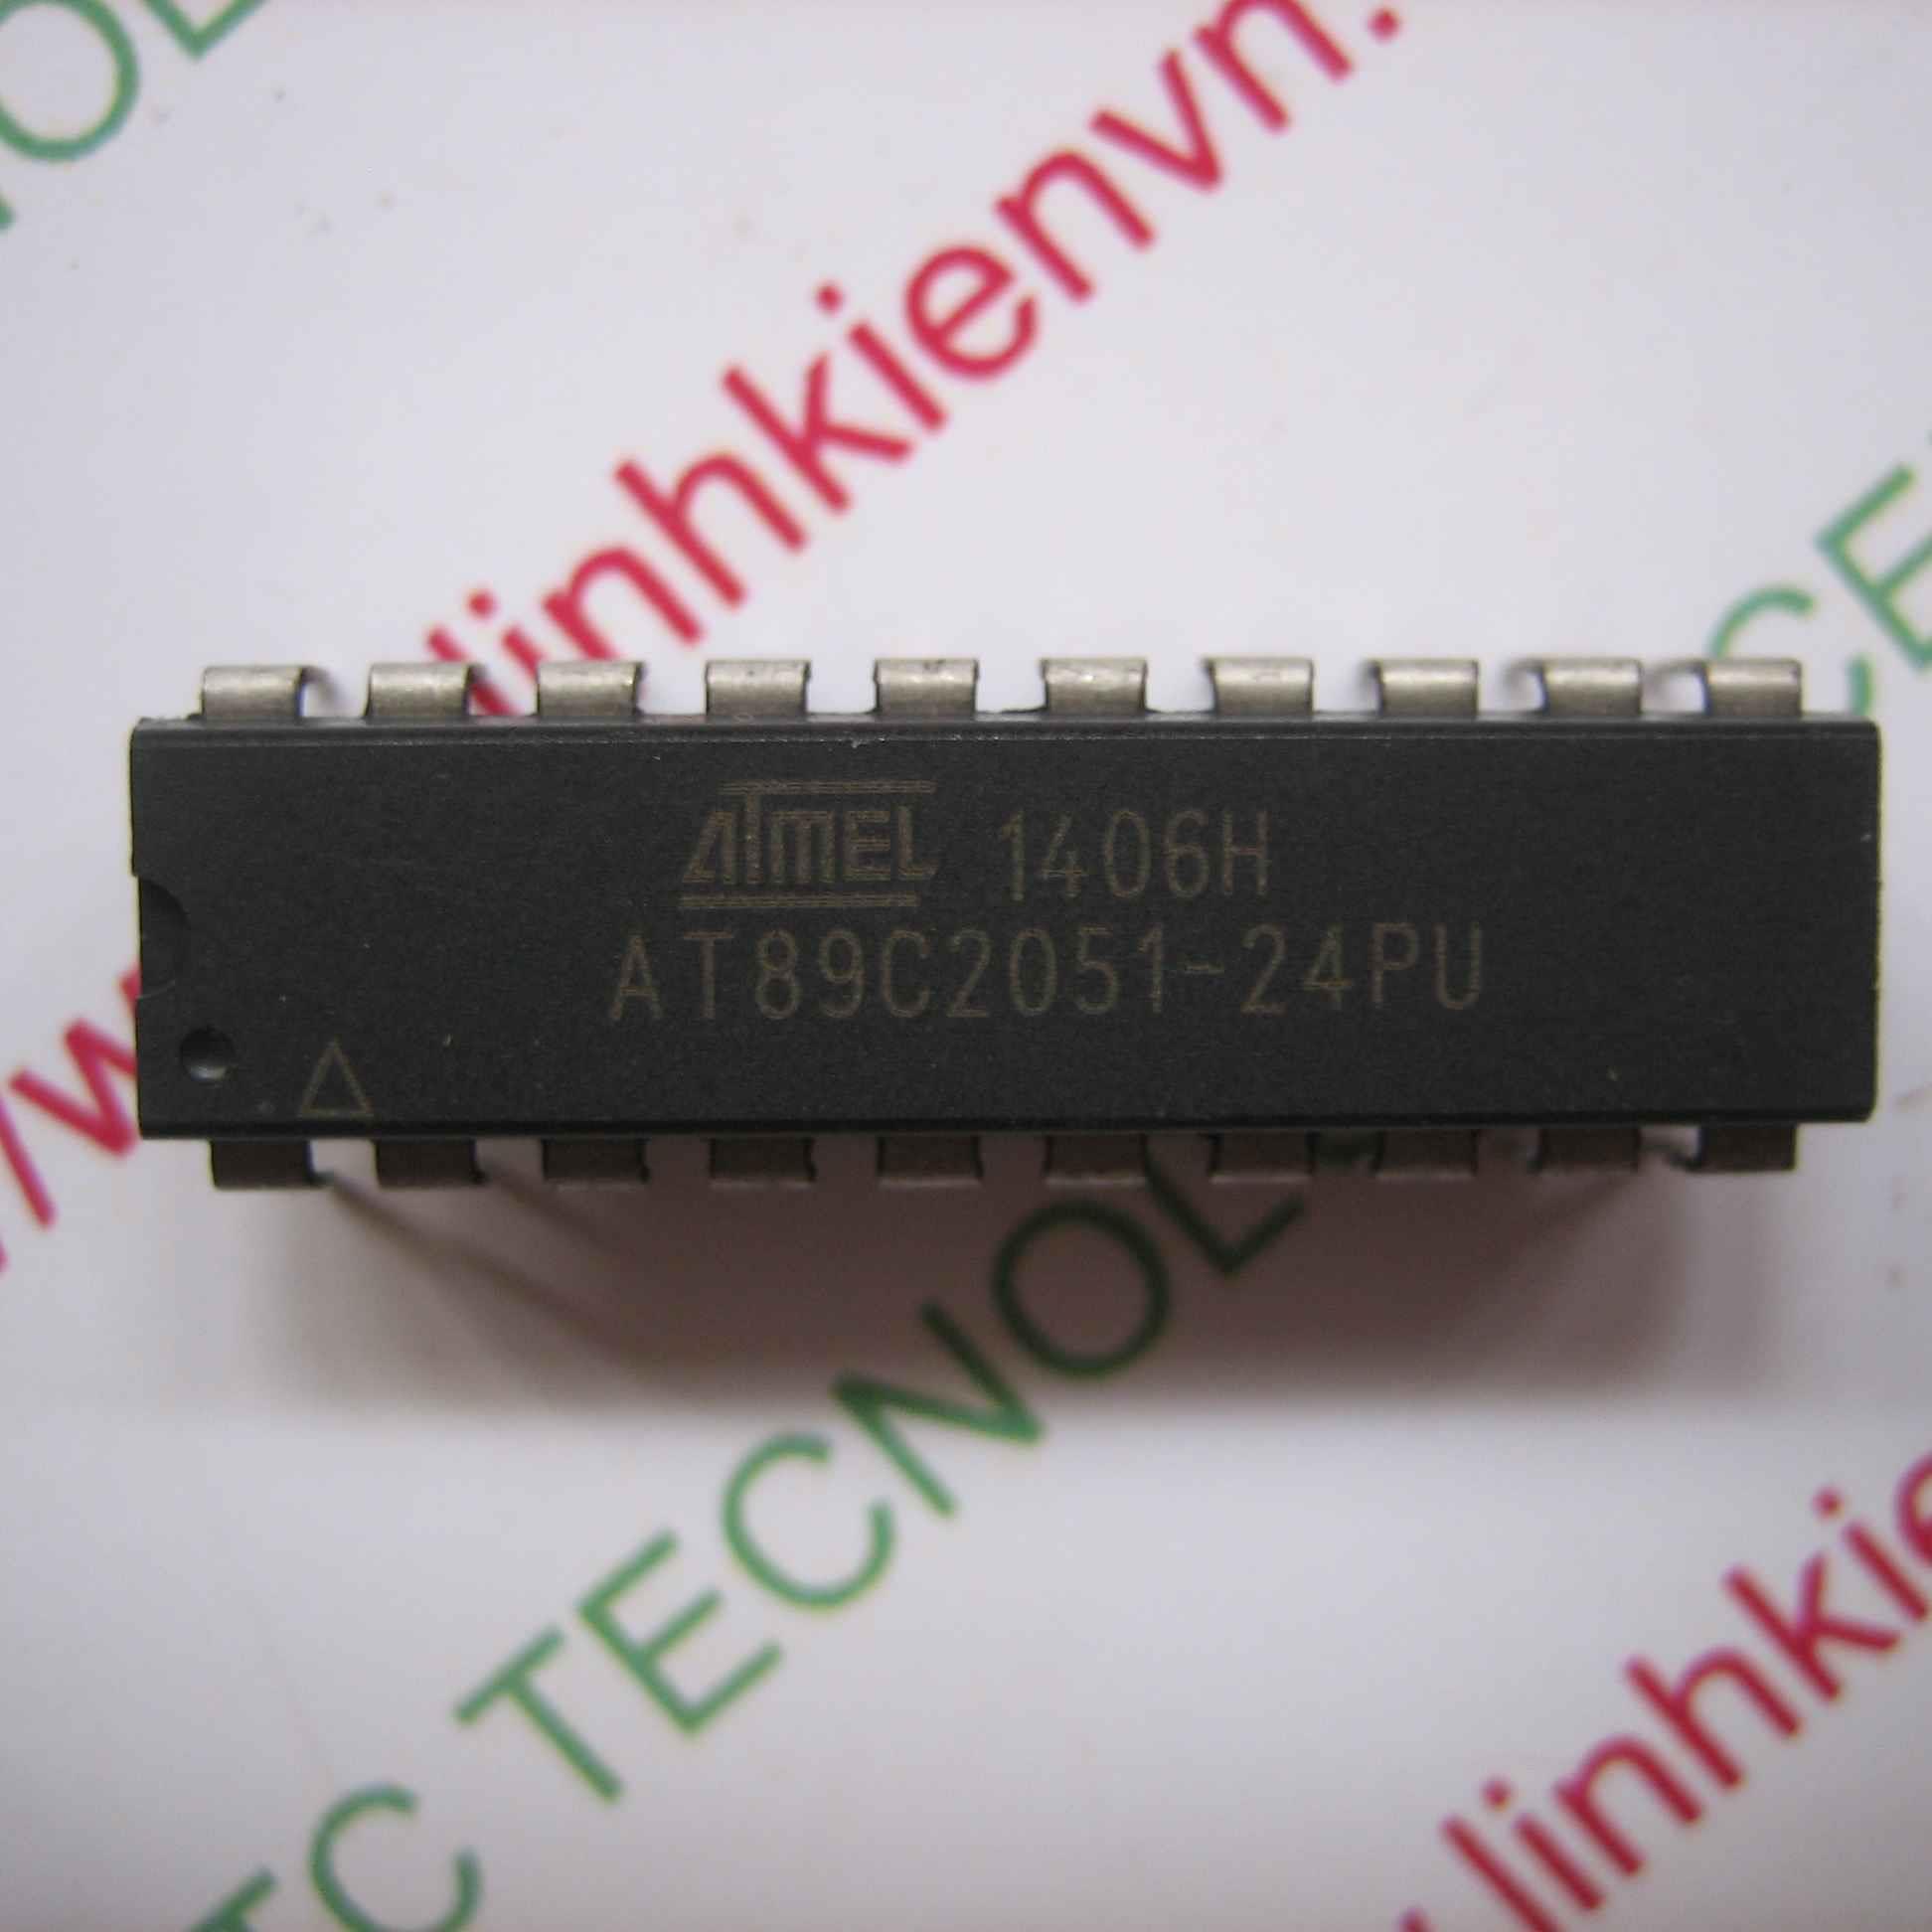 AT89C2051-24PU DIP20 - F1H1